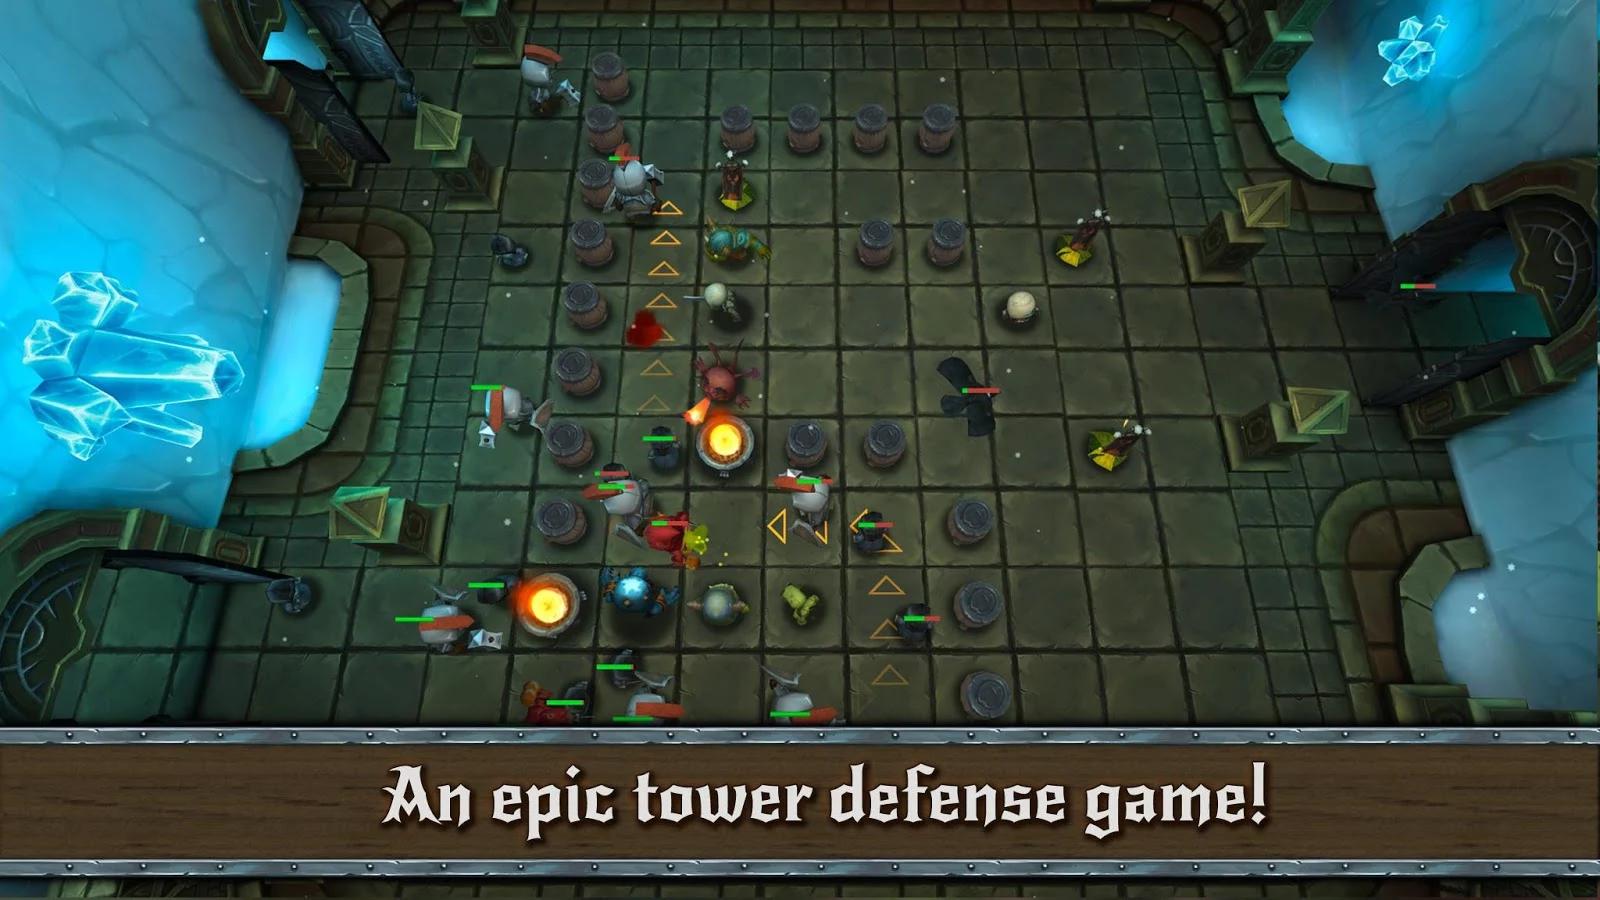 Naked fantasy defense games erotic photo